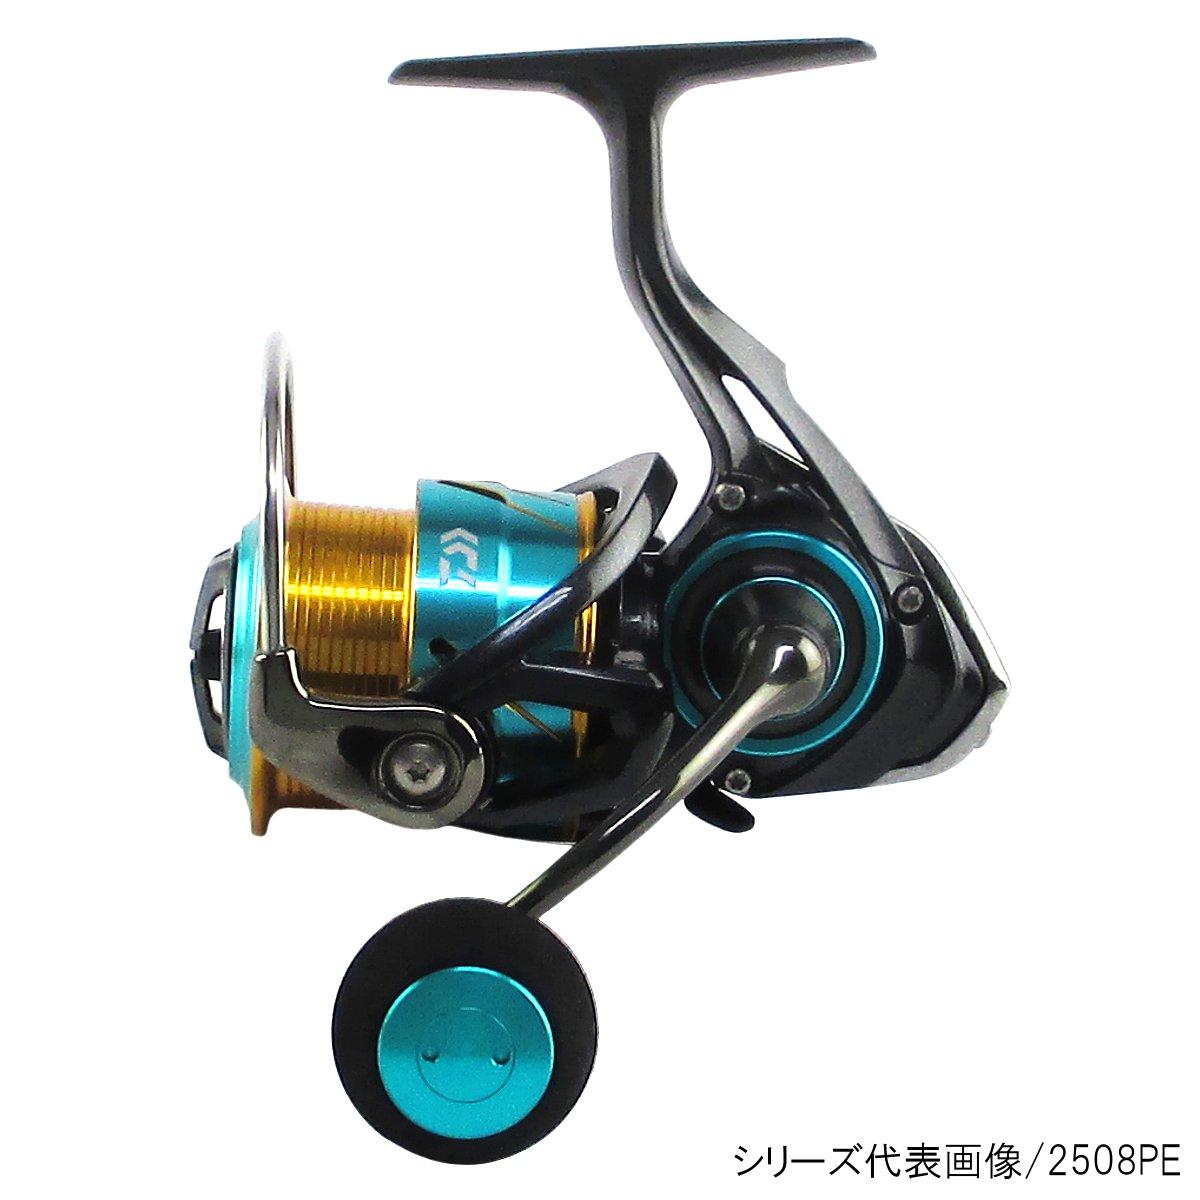 ダイワ エメラルダス MX 2508PE-H